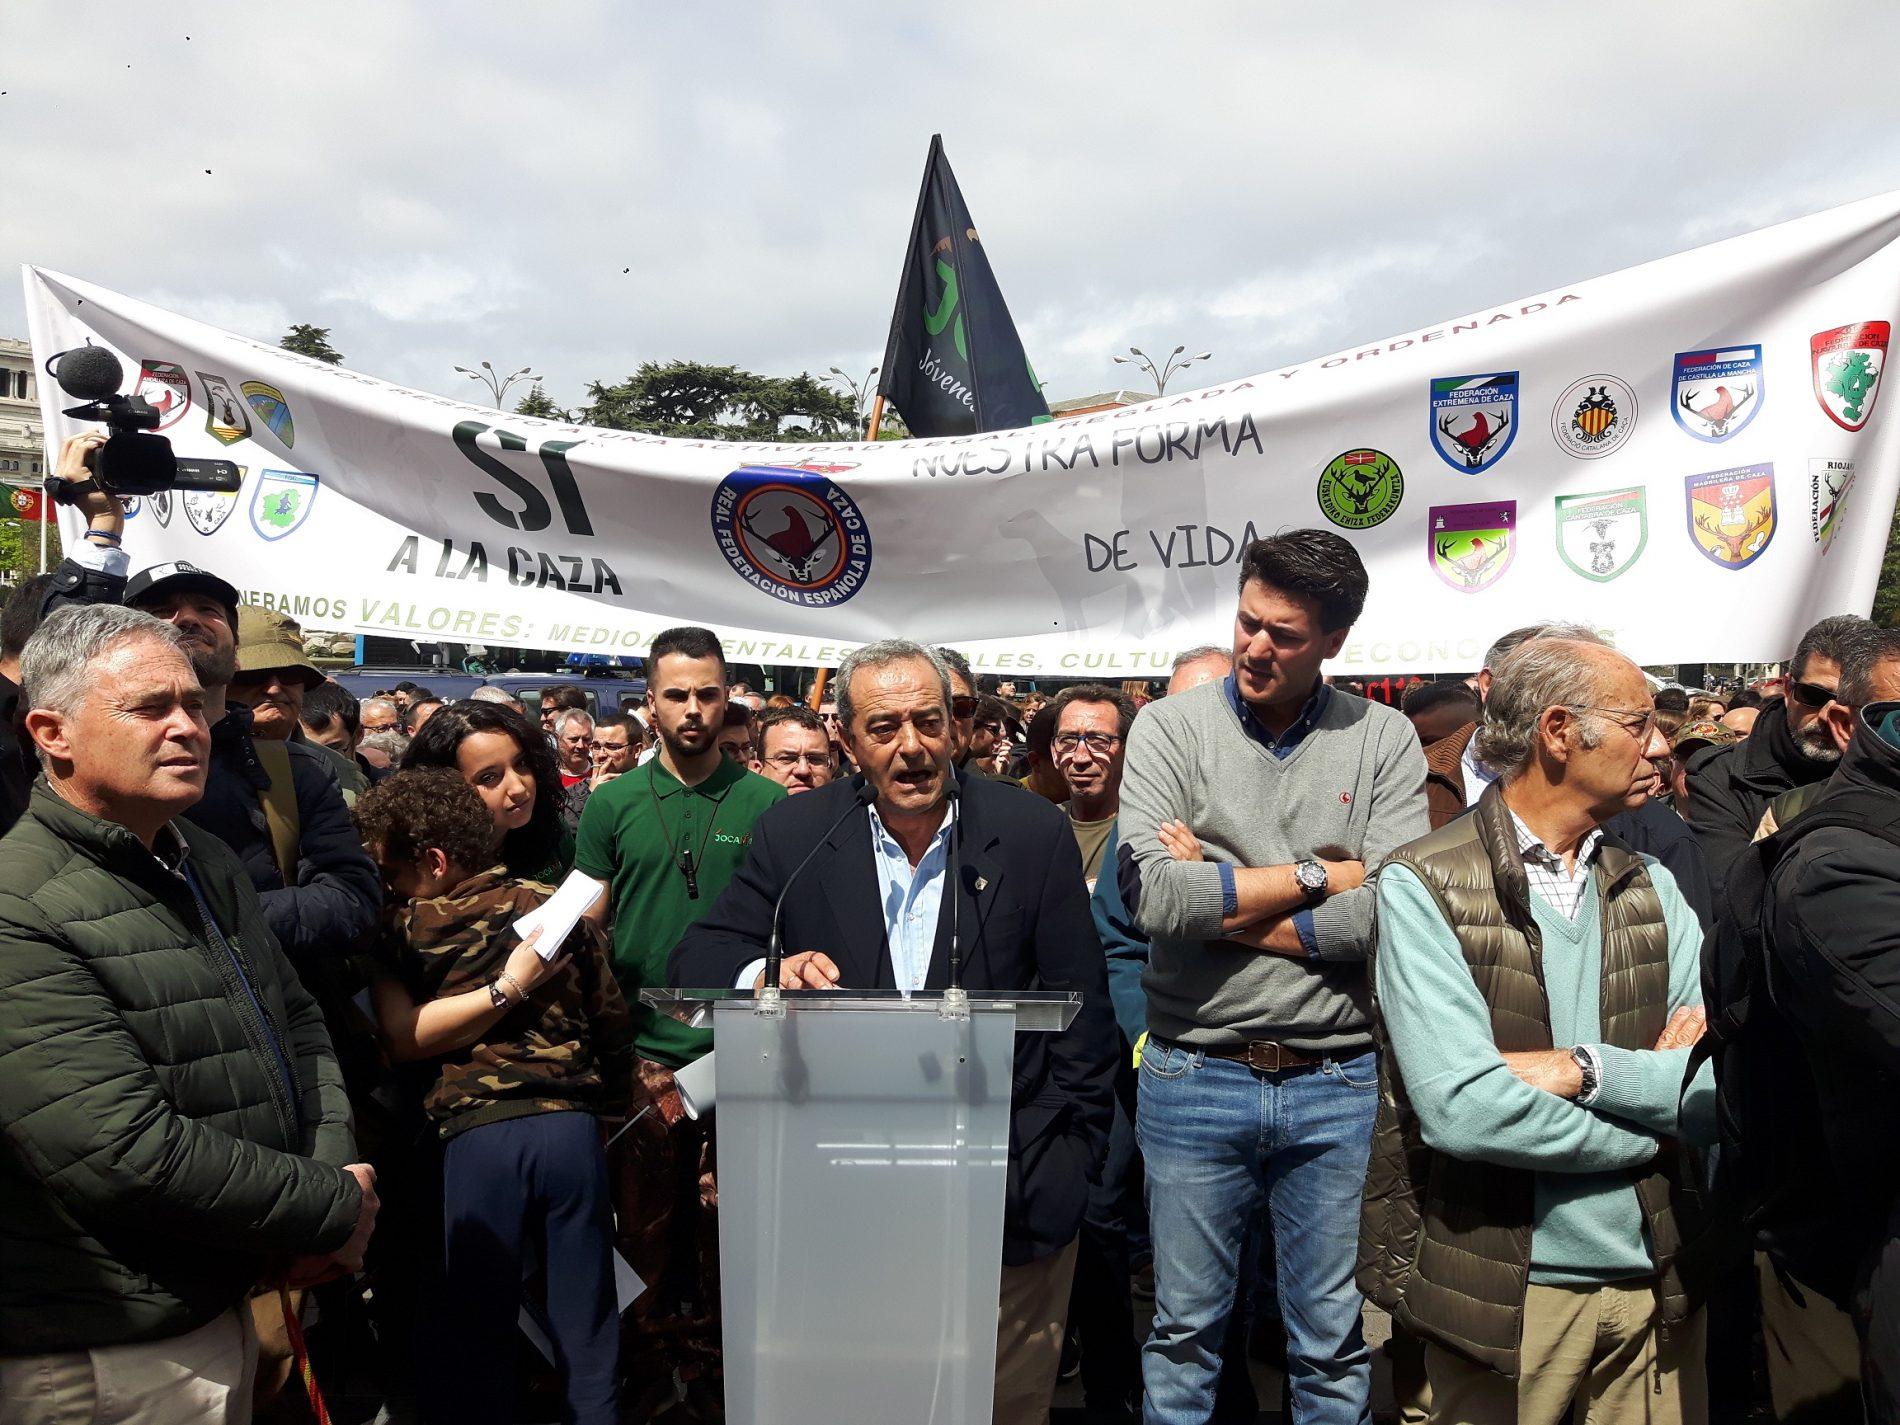 Más de 100.000 cazadores piden respeto en toda España